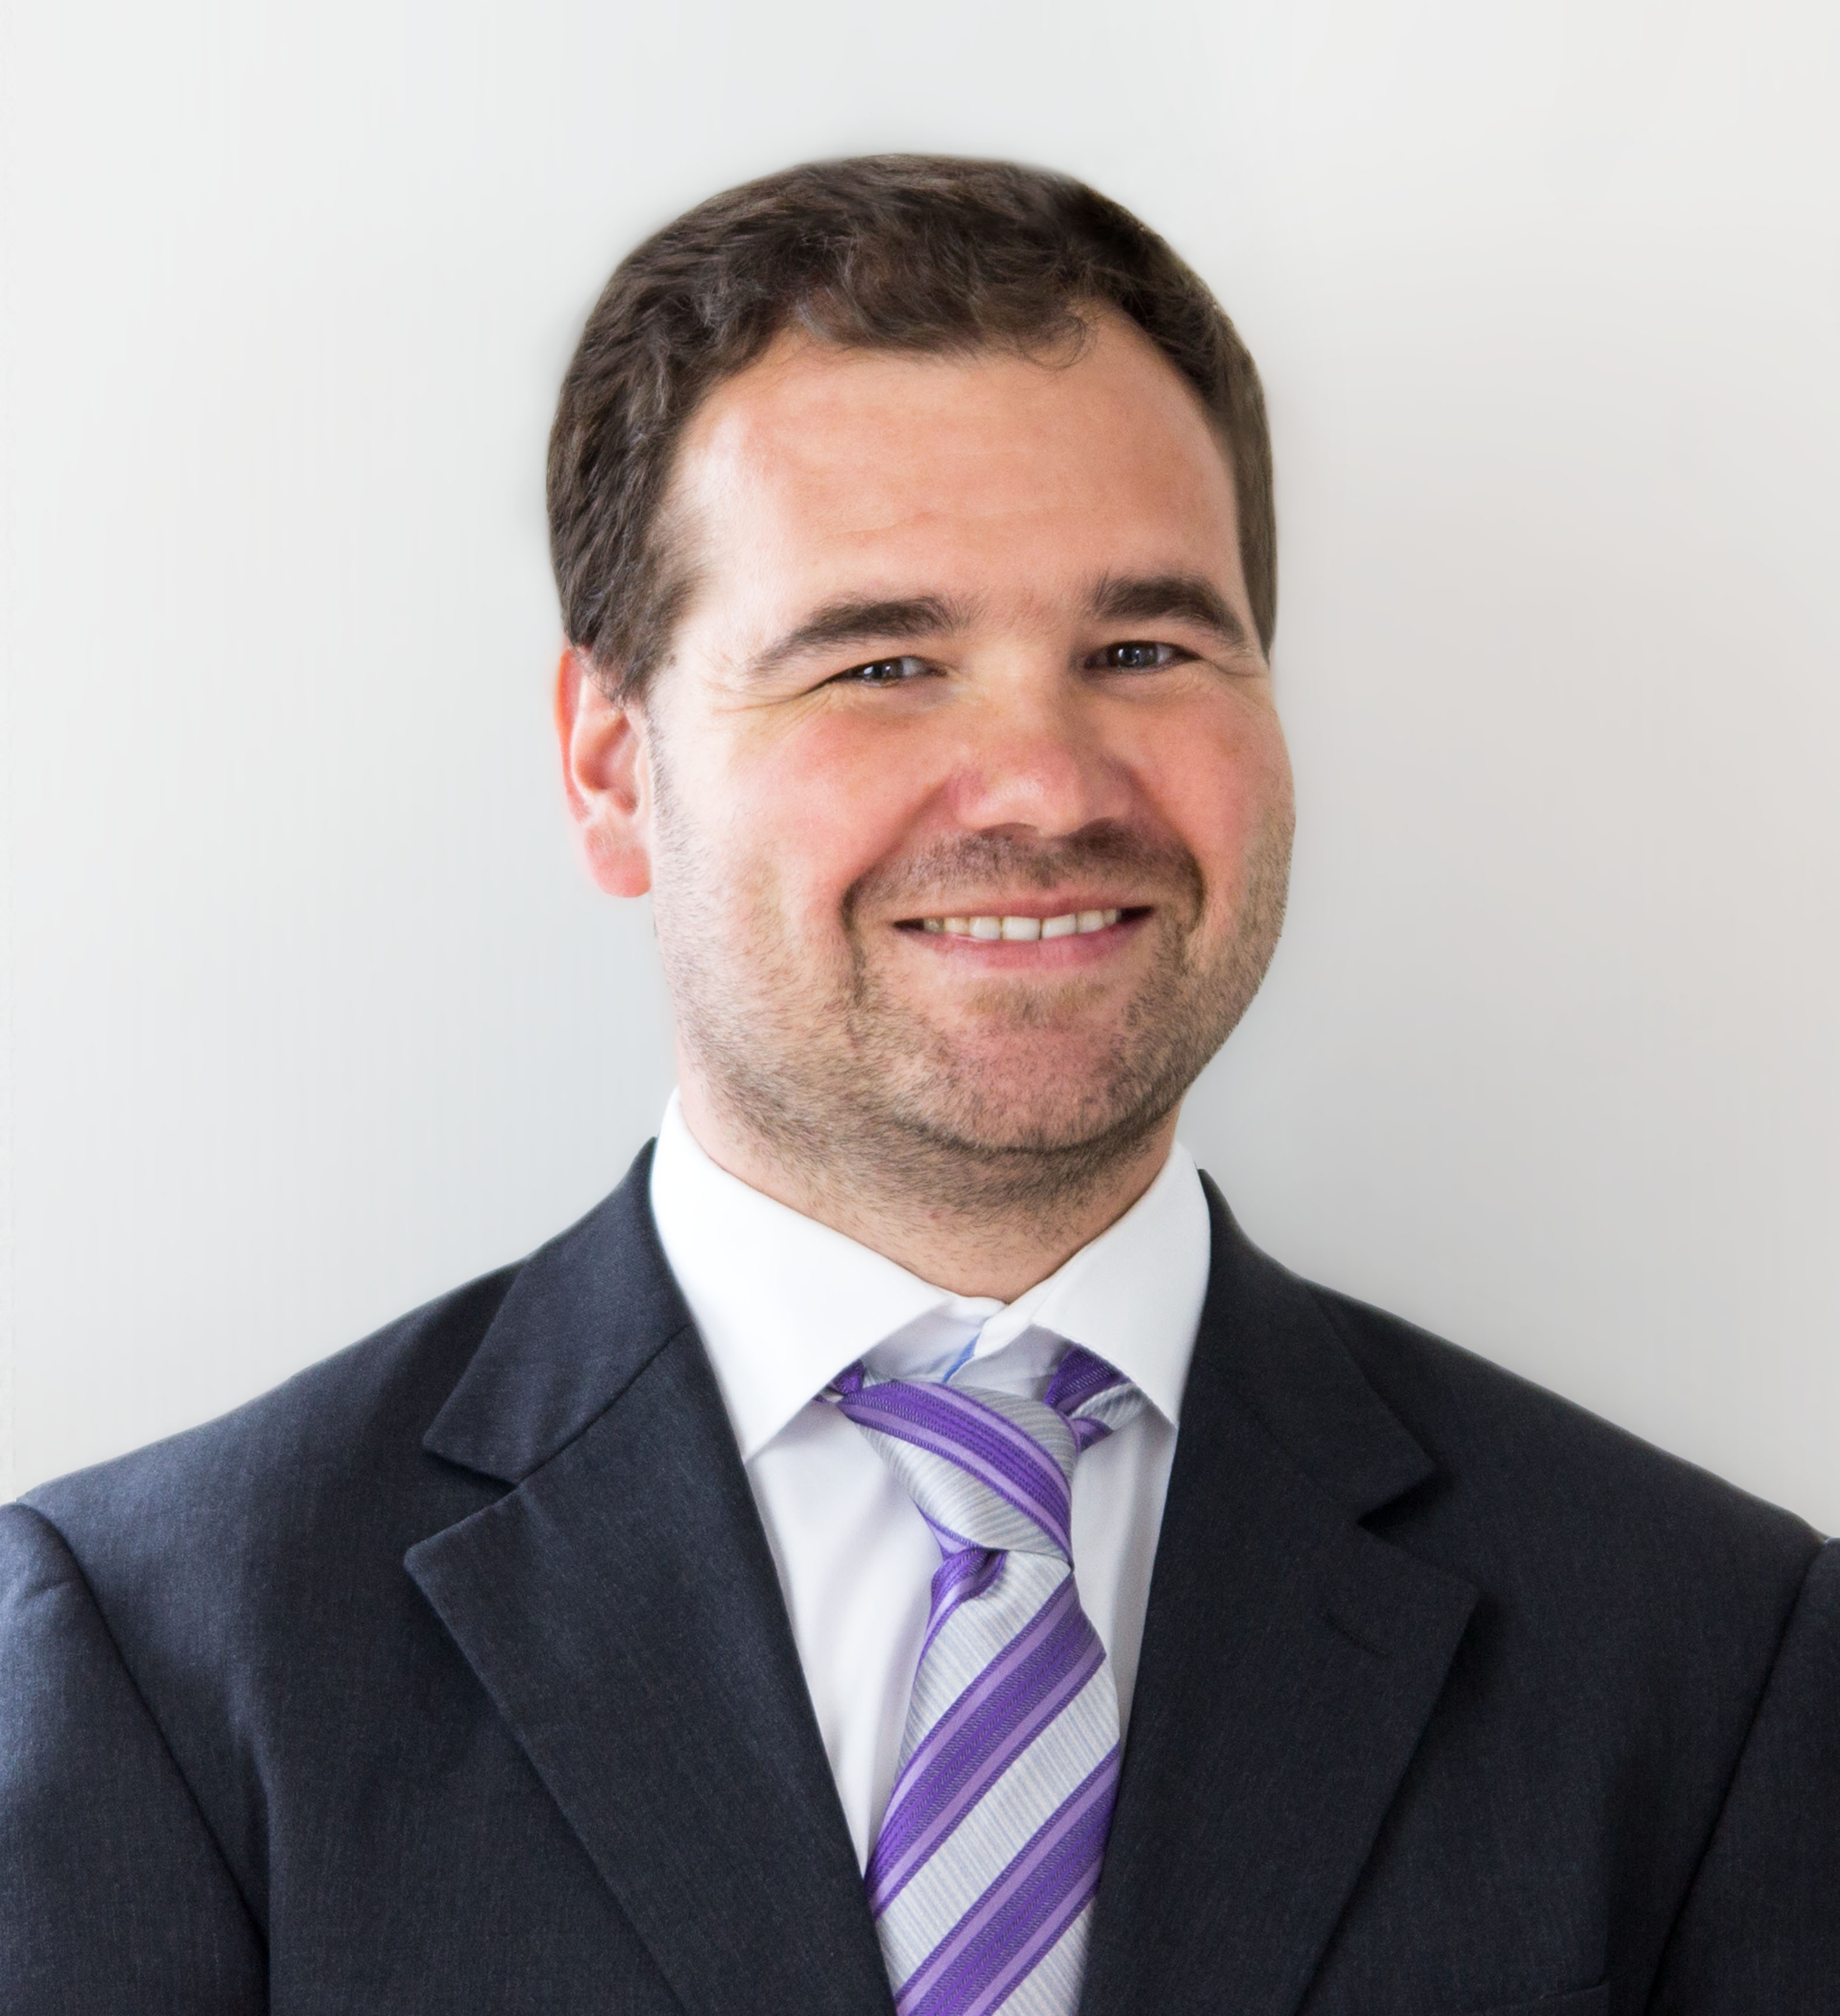 Steven Burkart, Baufinanzierung Saar